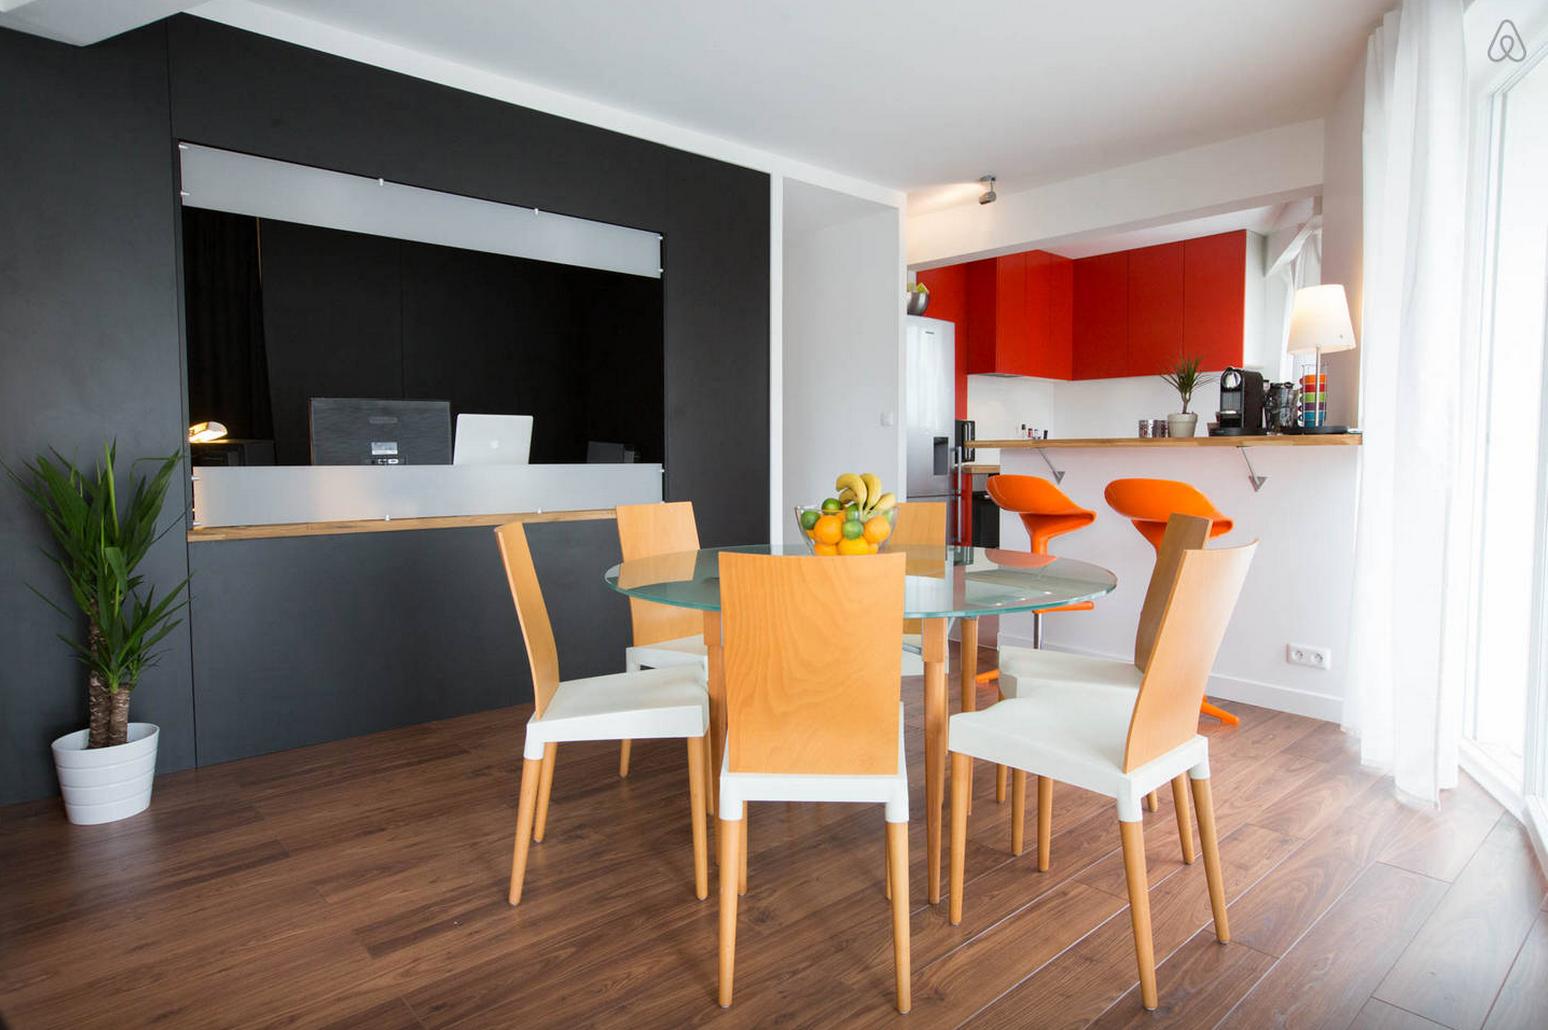 Appartement en plein centre de Bordeaux loué grâce à Airbnb